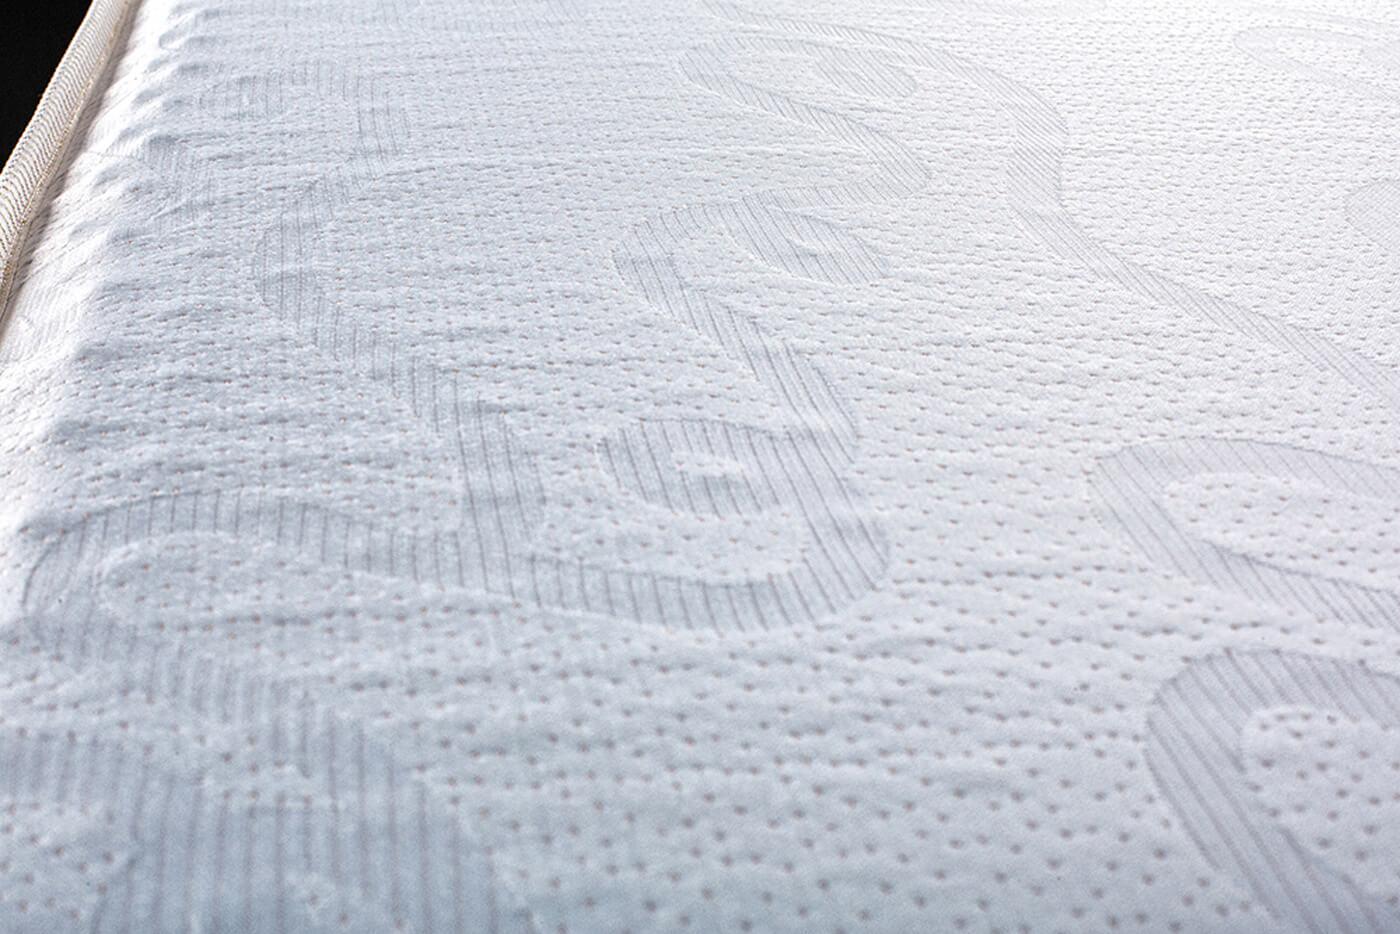 Manta Magnética Colchonete Kenko Premium Queen Size 1,58x1,98x10cm  - Kenko Premium Colchões